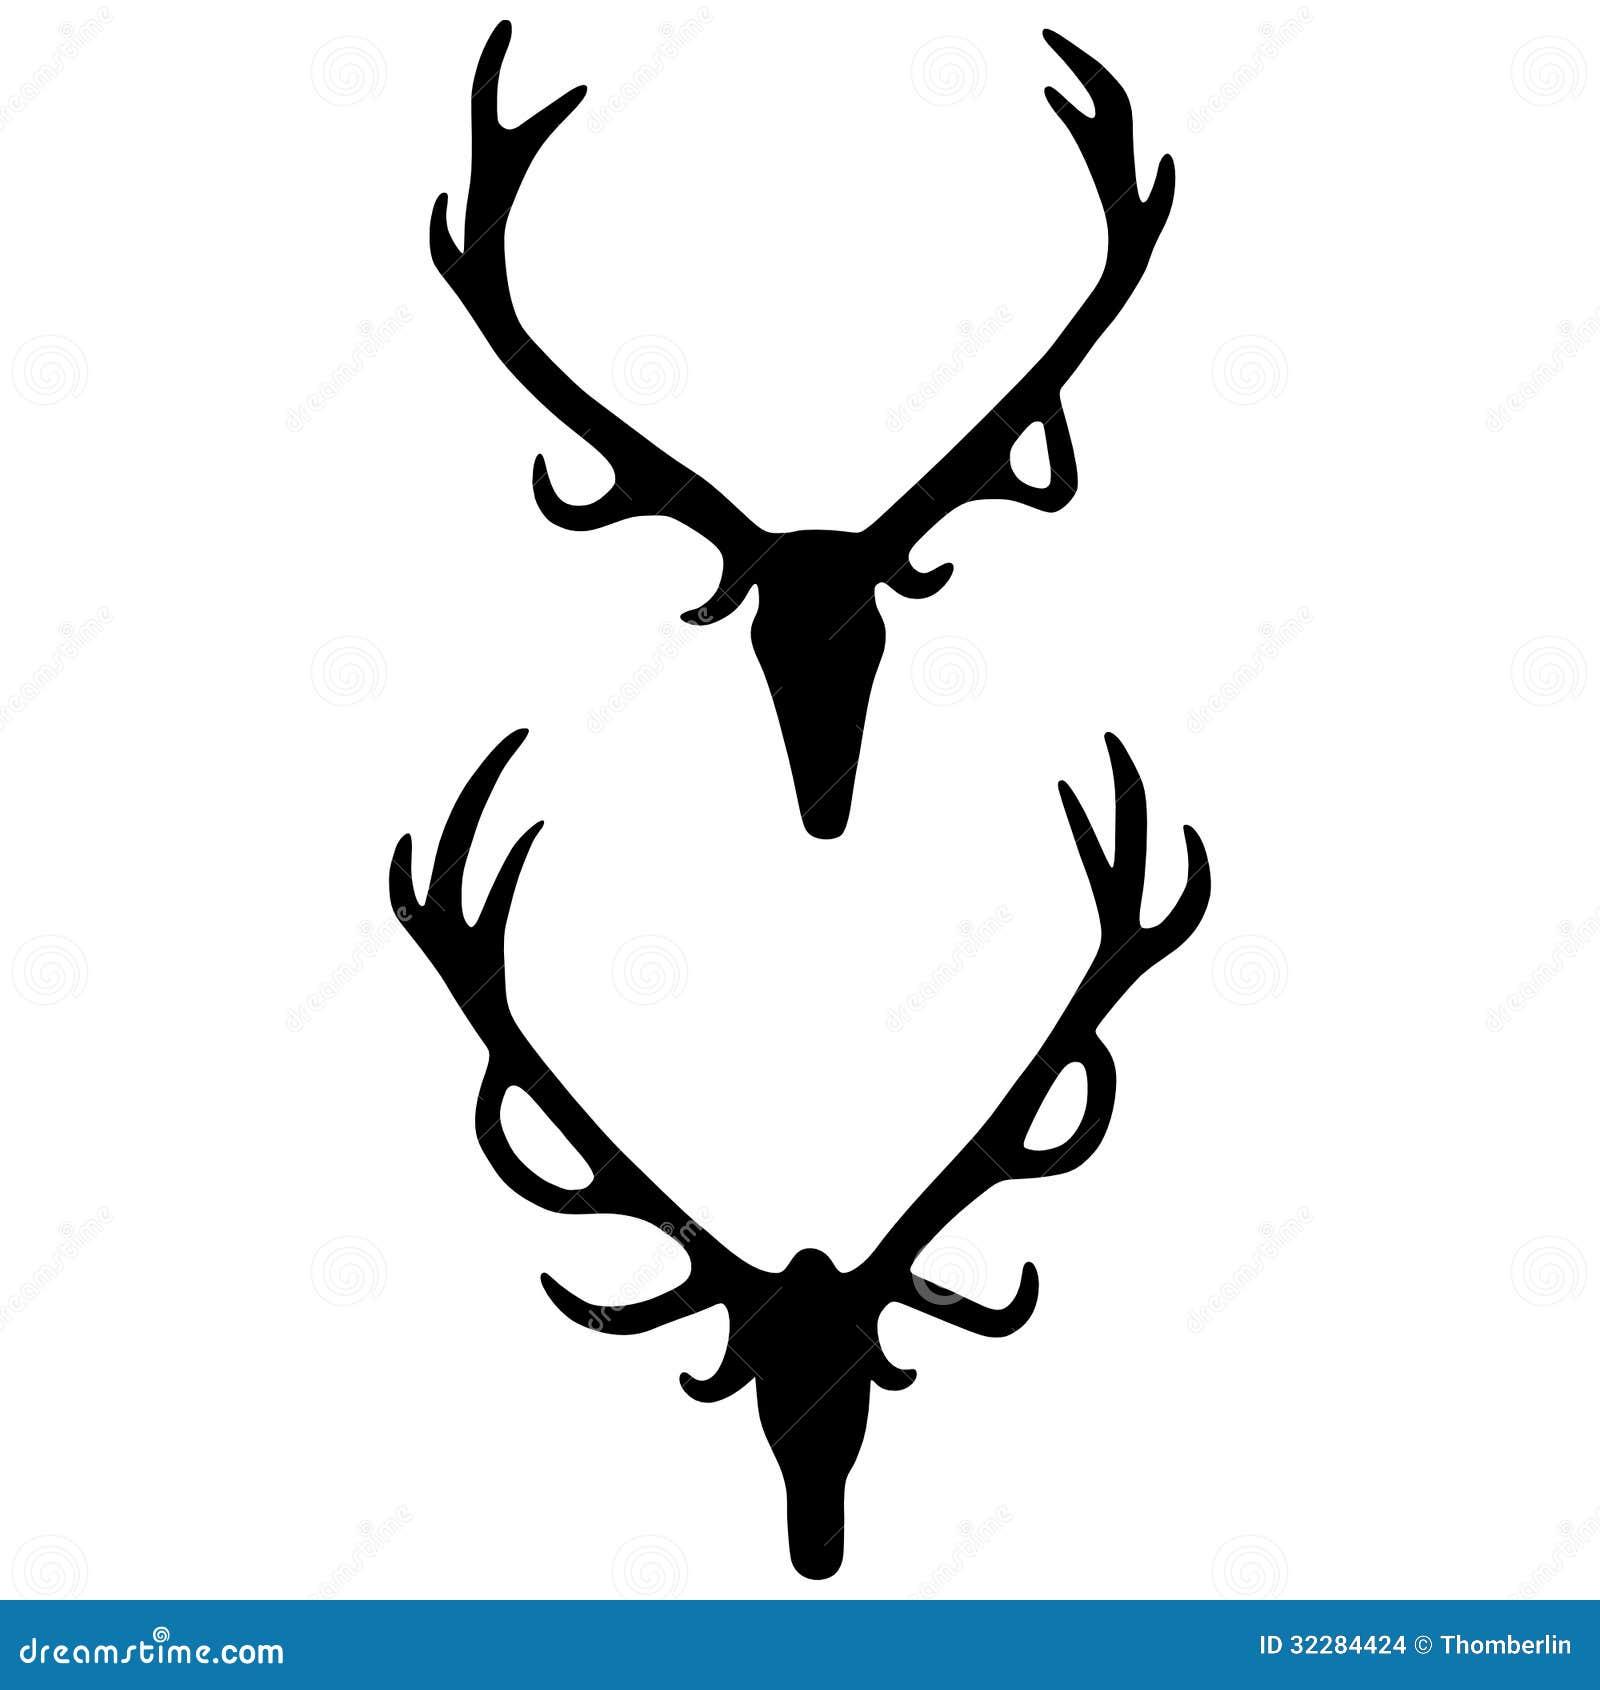 images elk antler silhouette